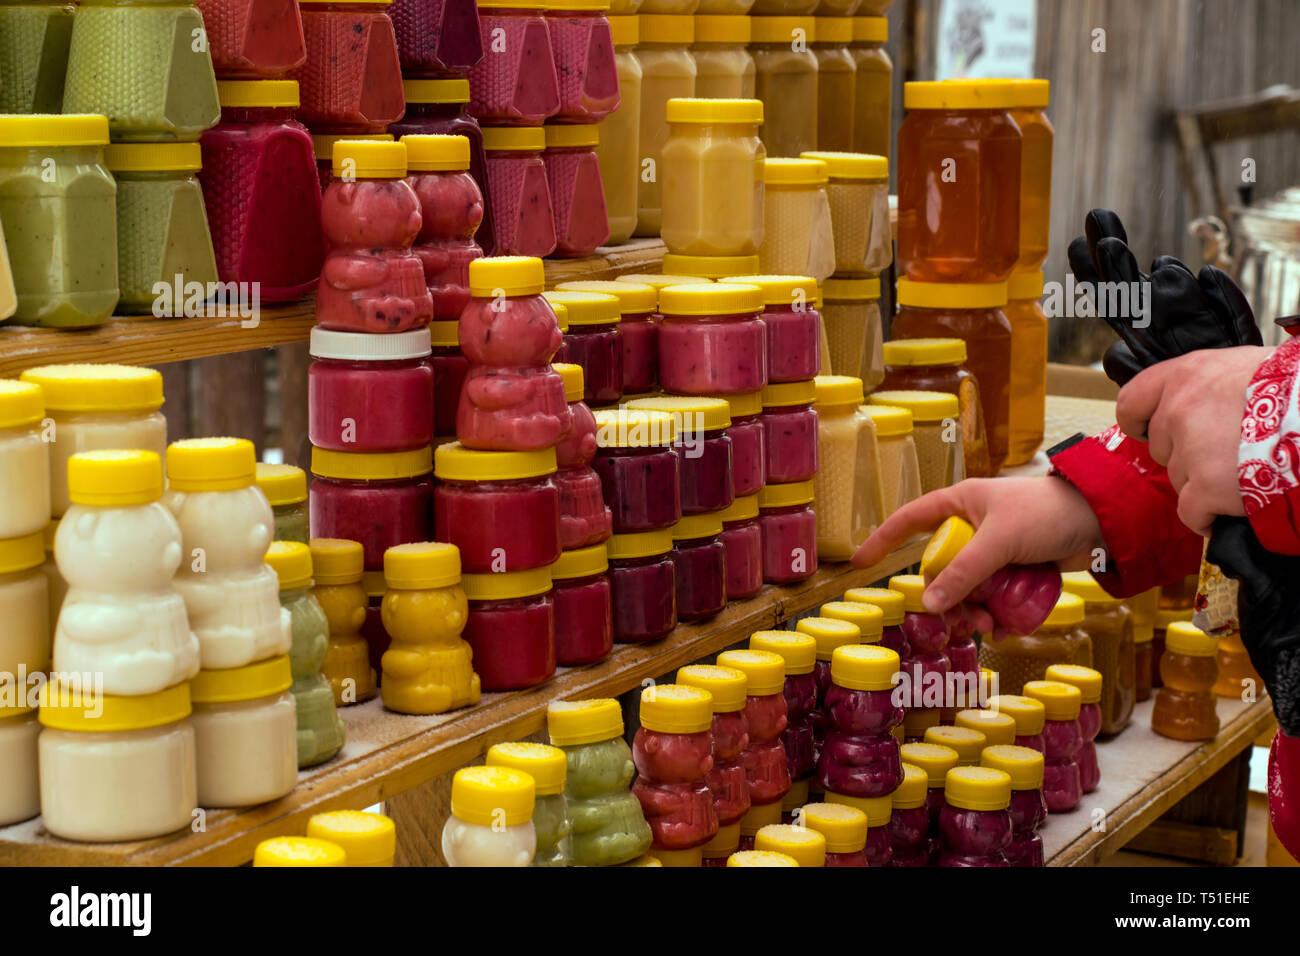 Mädchen mit Handschuhen wählt, Honig und Spezialitäten auf der Theke im Winter Stockfoto